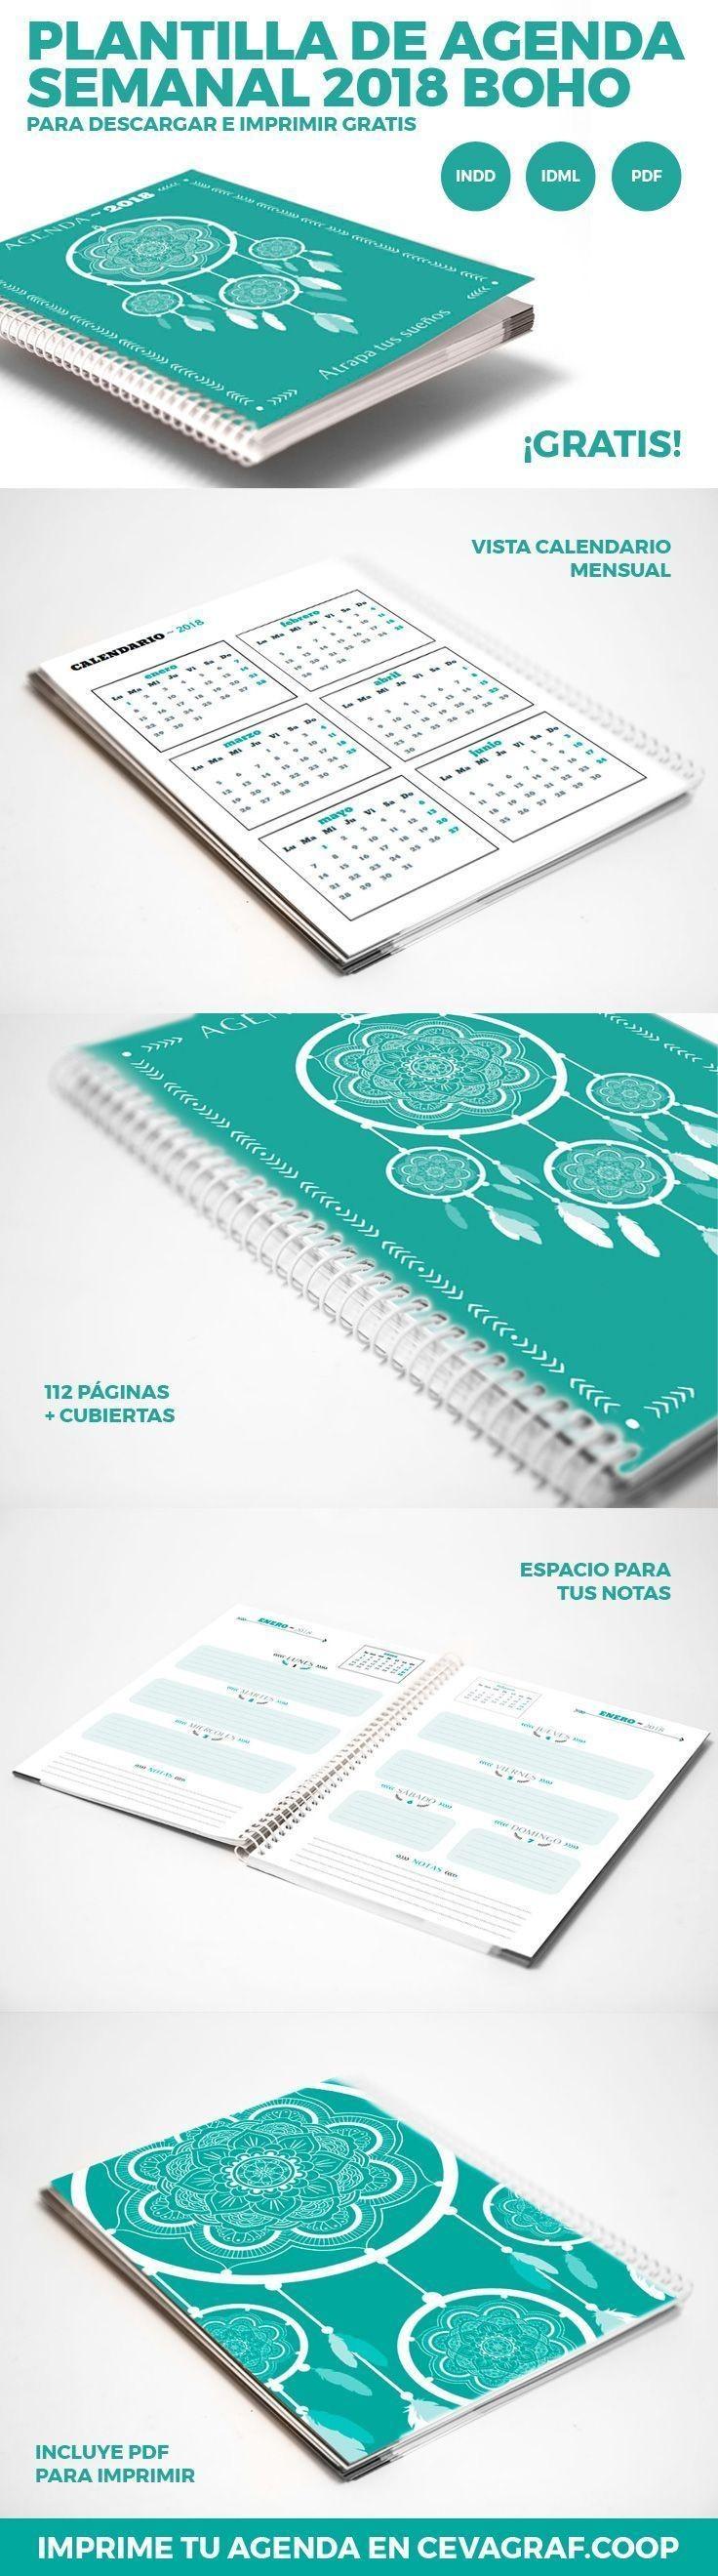 Calendario 2019 Imprimir Bolsillo Más Actual Mejores 396 Imágenes De Descarga Plantillas Indesign Illustrator Of Calendario 2019 Imprimir Bolsillo Más Arriba-a-fecha Calendario Chile A±o 2019